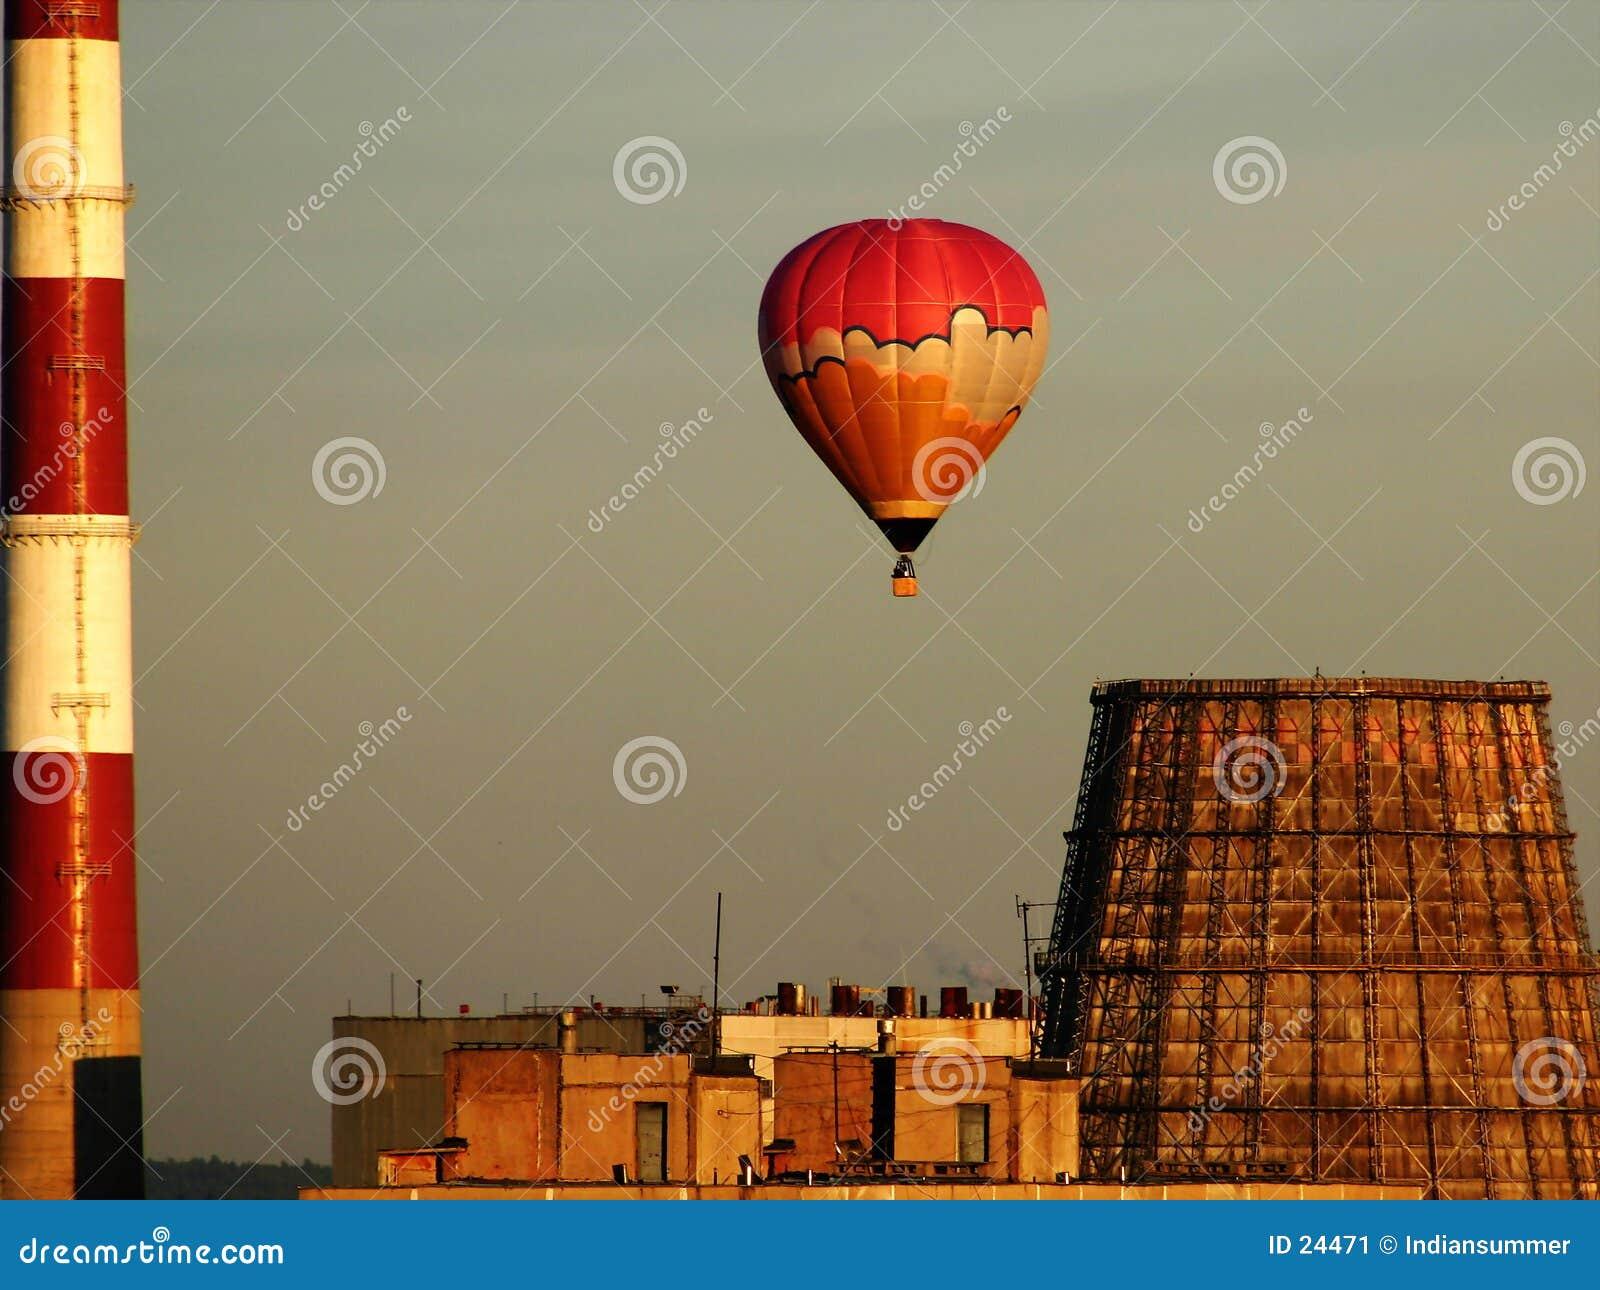 Balão Hot-air sobre a fábrica